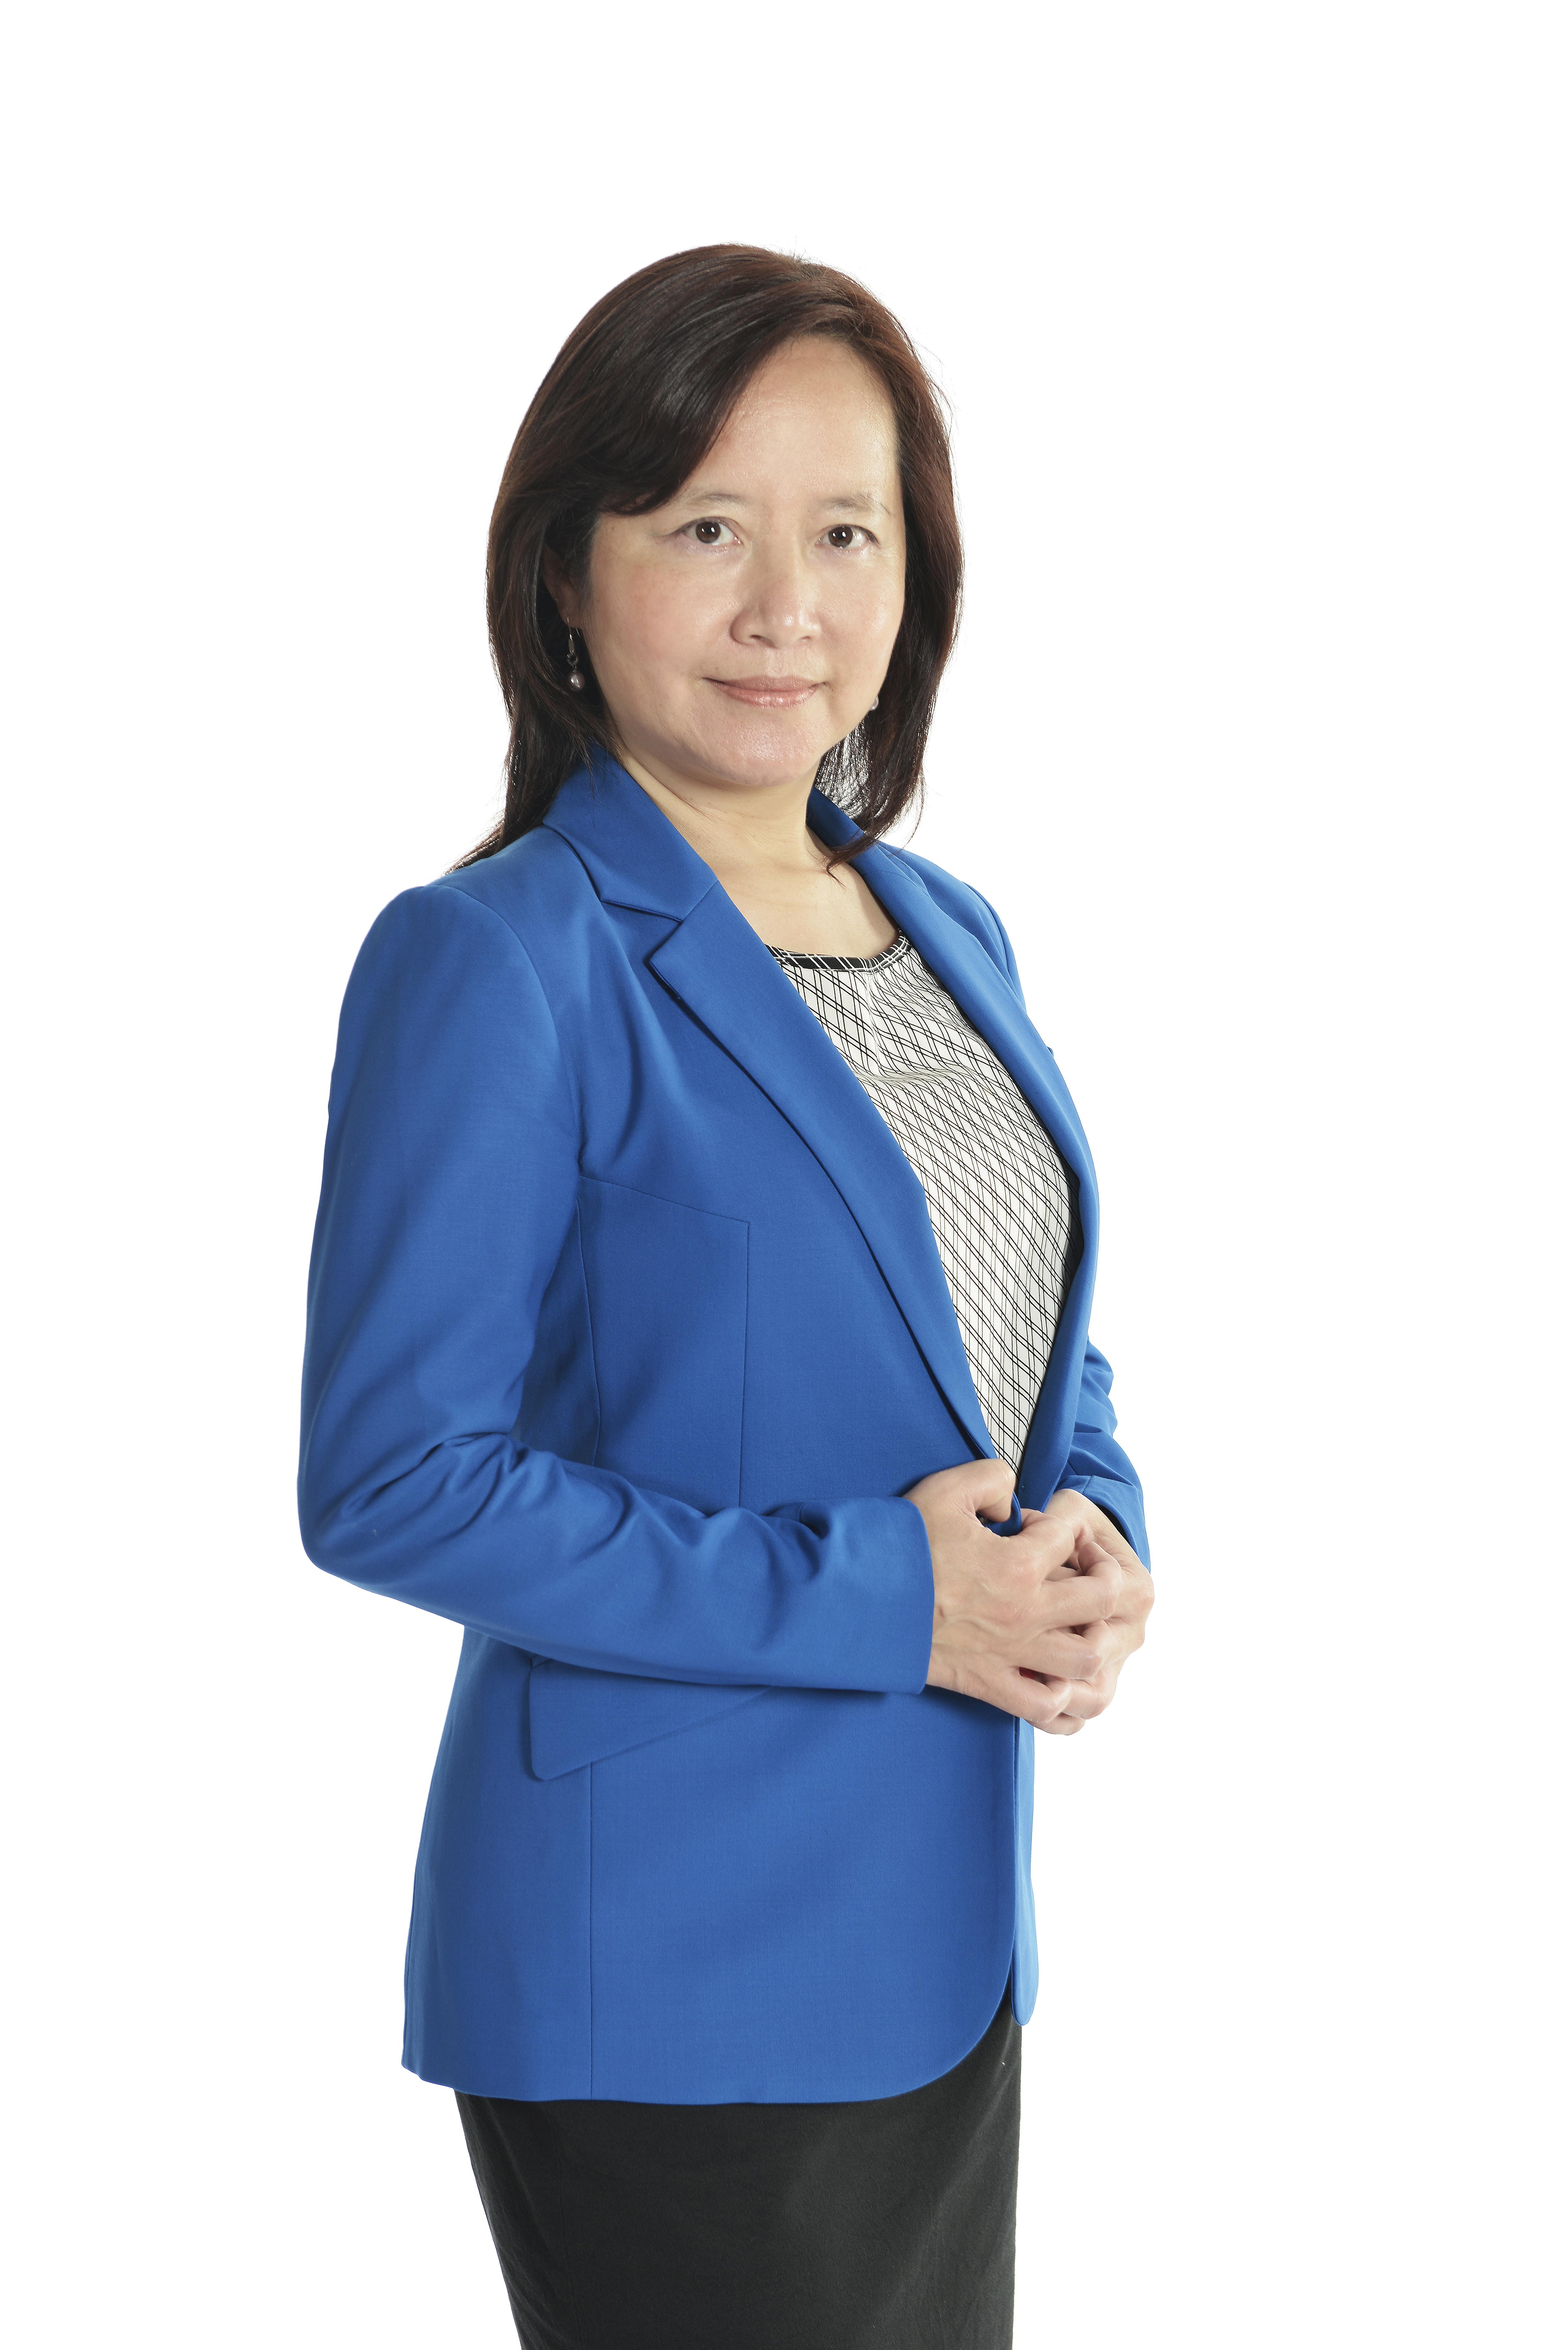 Dr.  Claudia Lin